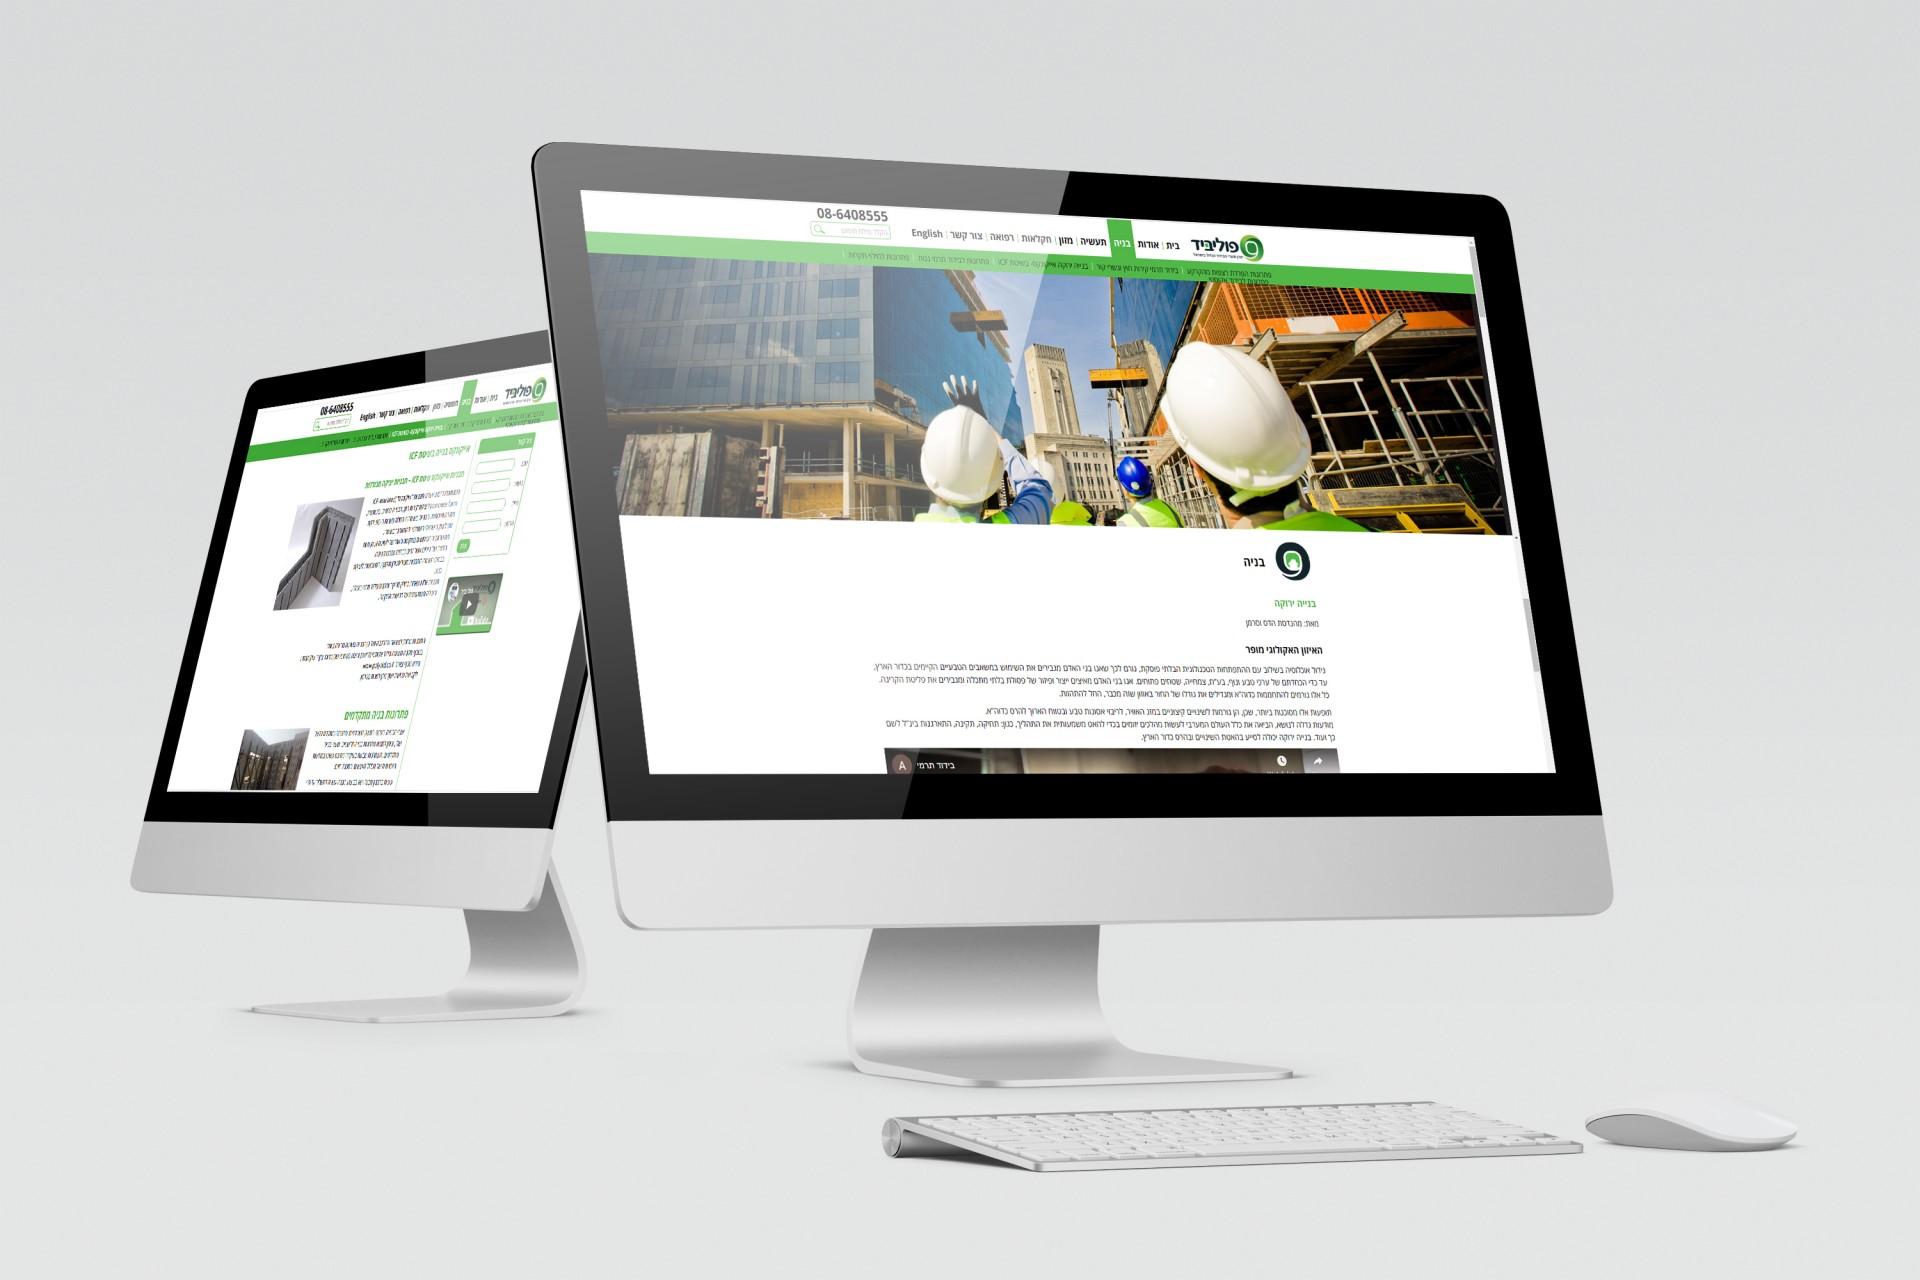 עיצוב והקמת אתר אינטרנט לחברת פוליביד